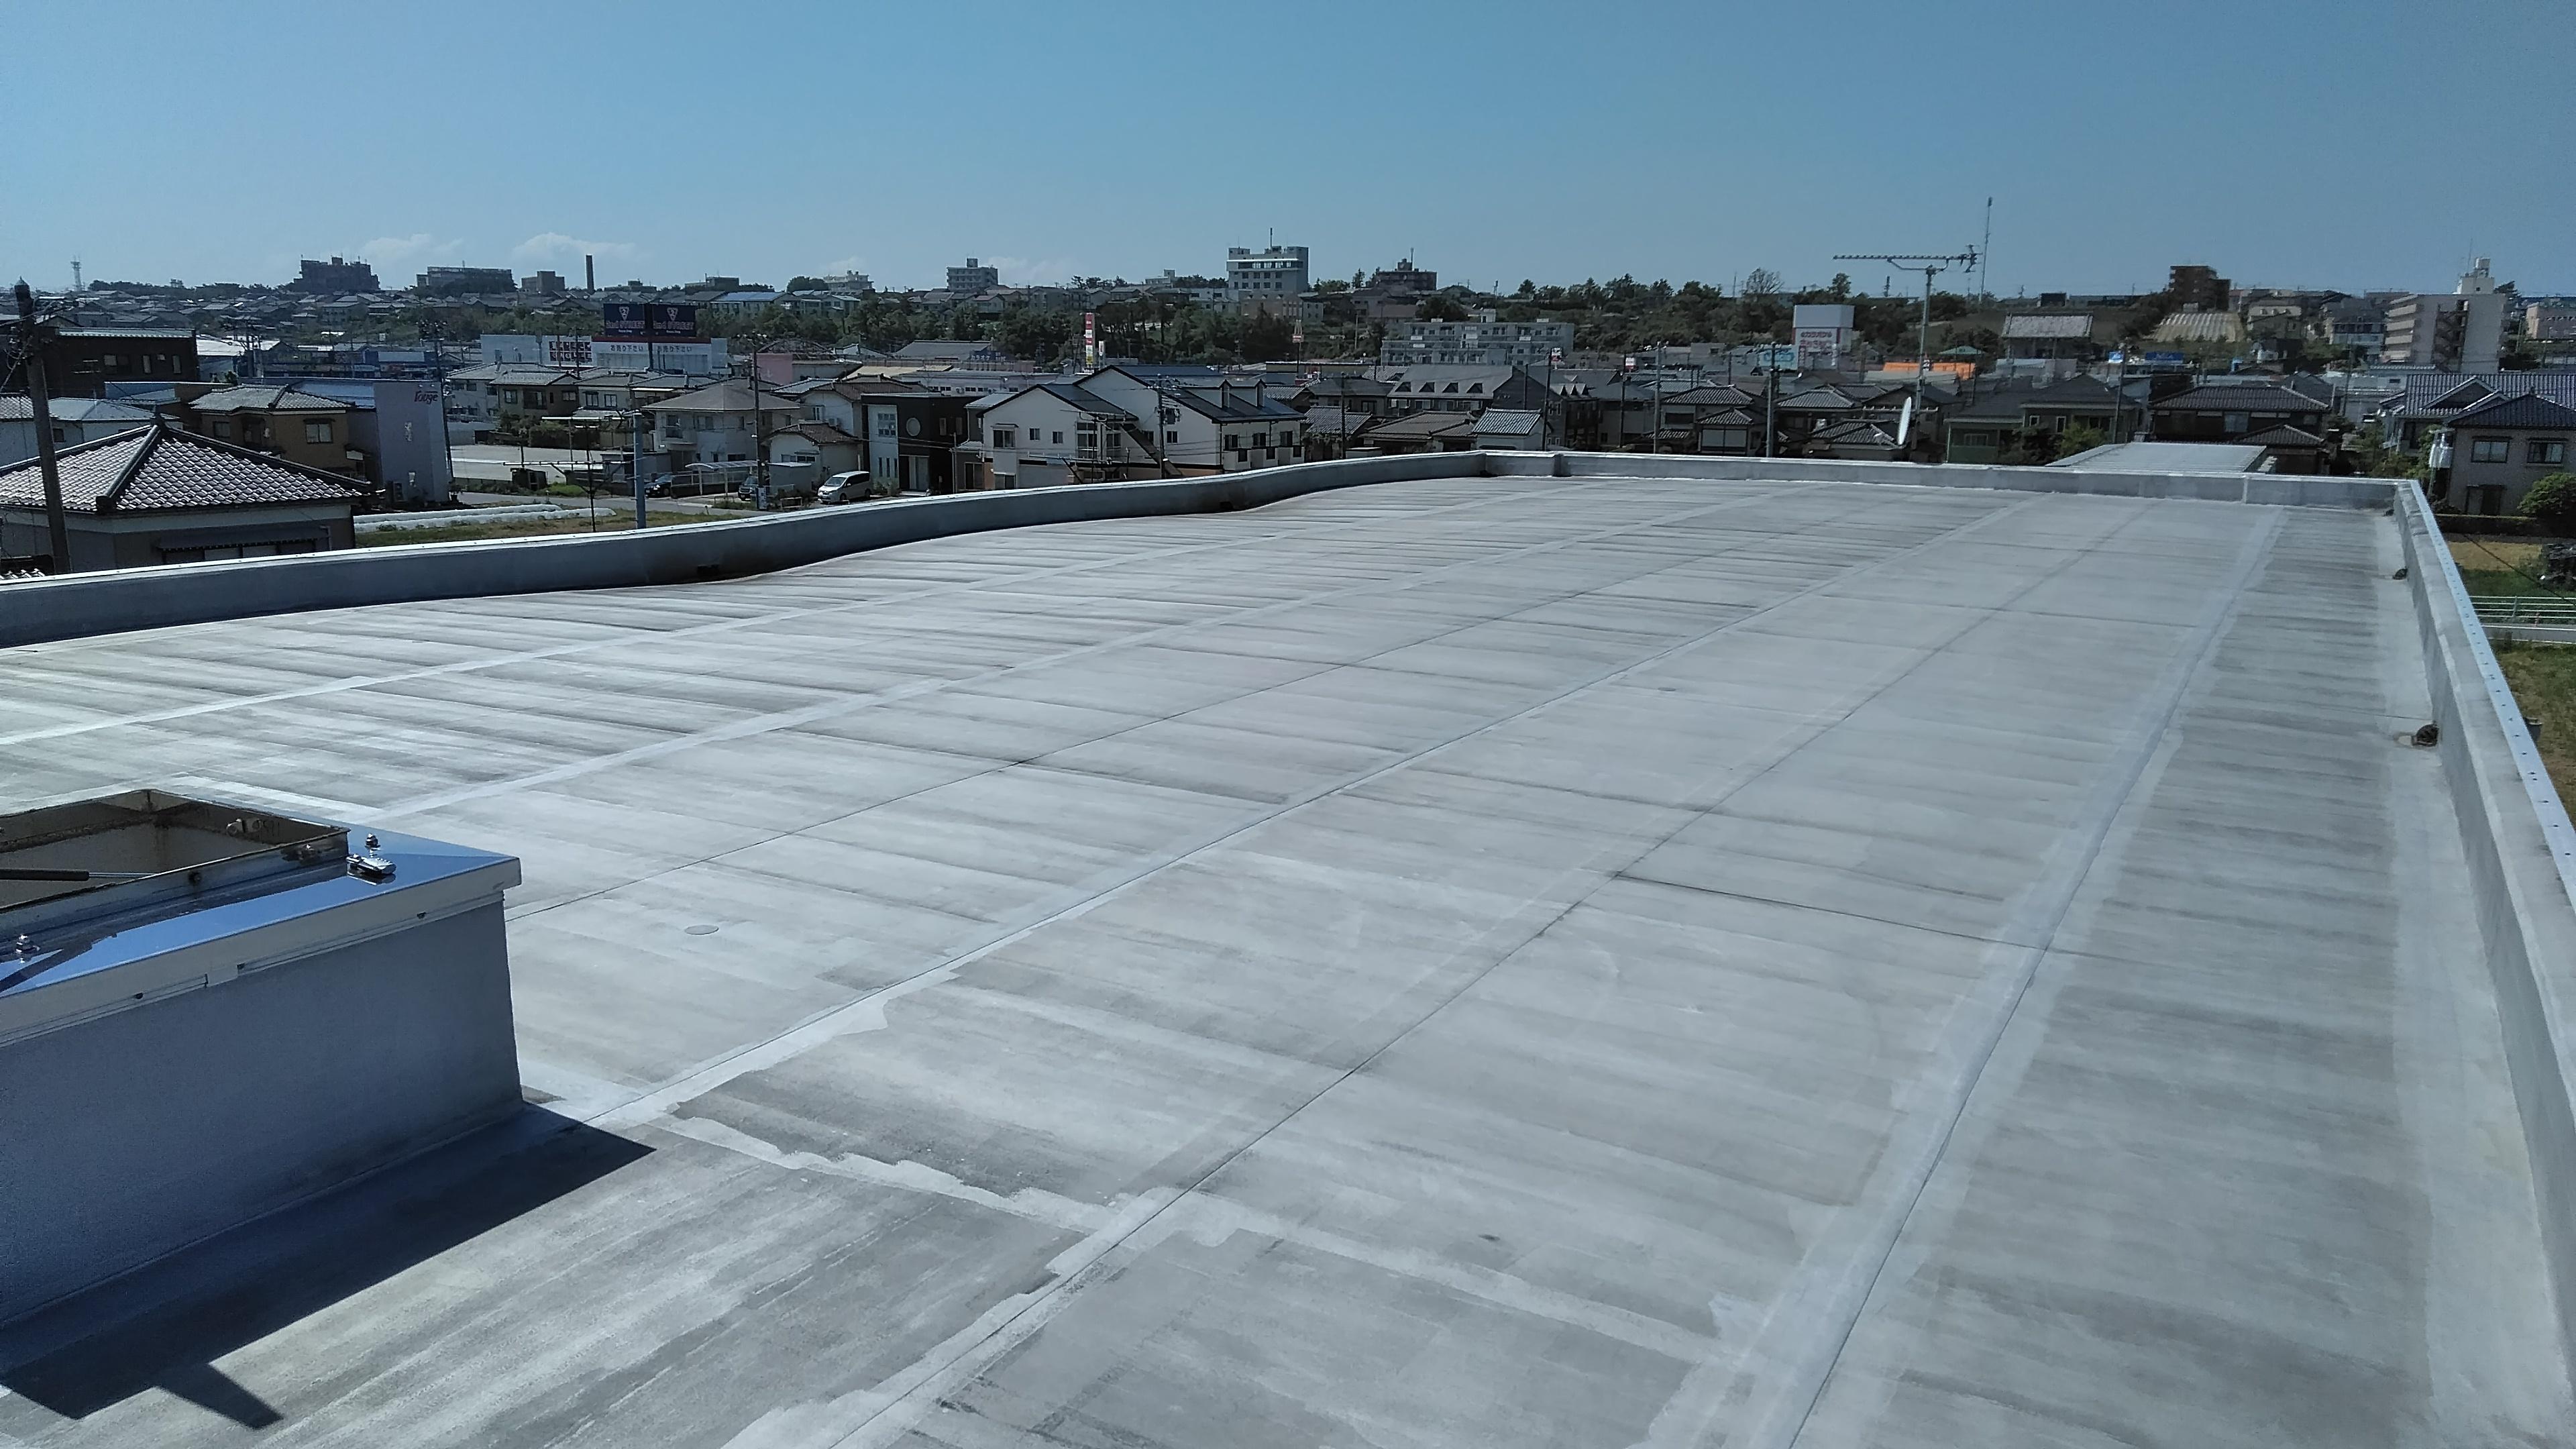 マンション屋上防水工事が完了しました!